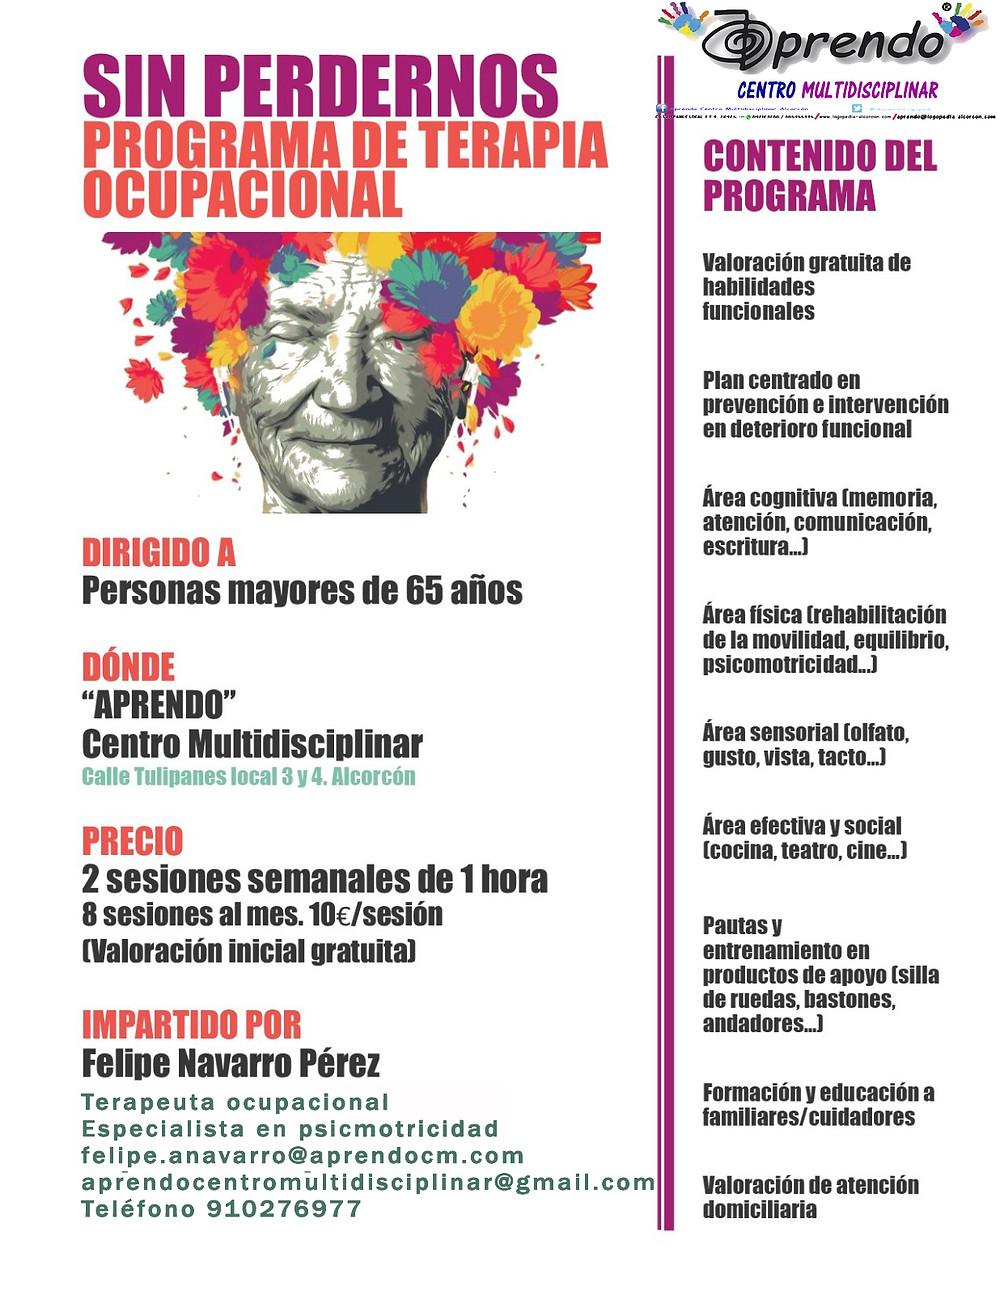 Dirigido a personas mayores de 65 años. PREVENCIÓN E INTERVENCIÓN DEL DETERIORO FUNCIONAL, AREA COGNITIVA,FÍSICA,SENSORIAL Y SOCIAL. VALORACIÓN GRATUITA DE LAS HABILIDADES FUNCIONALES!